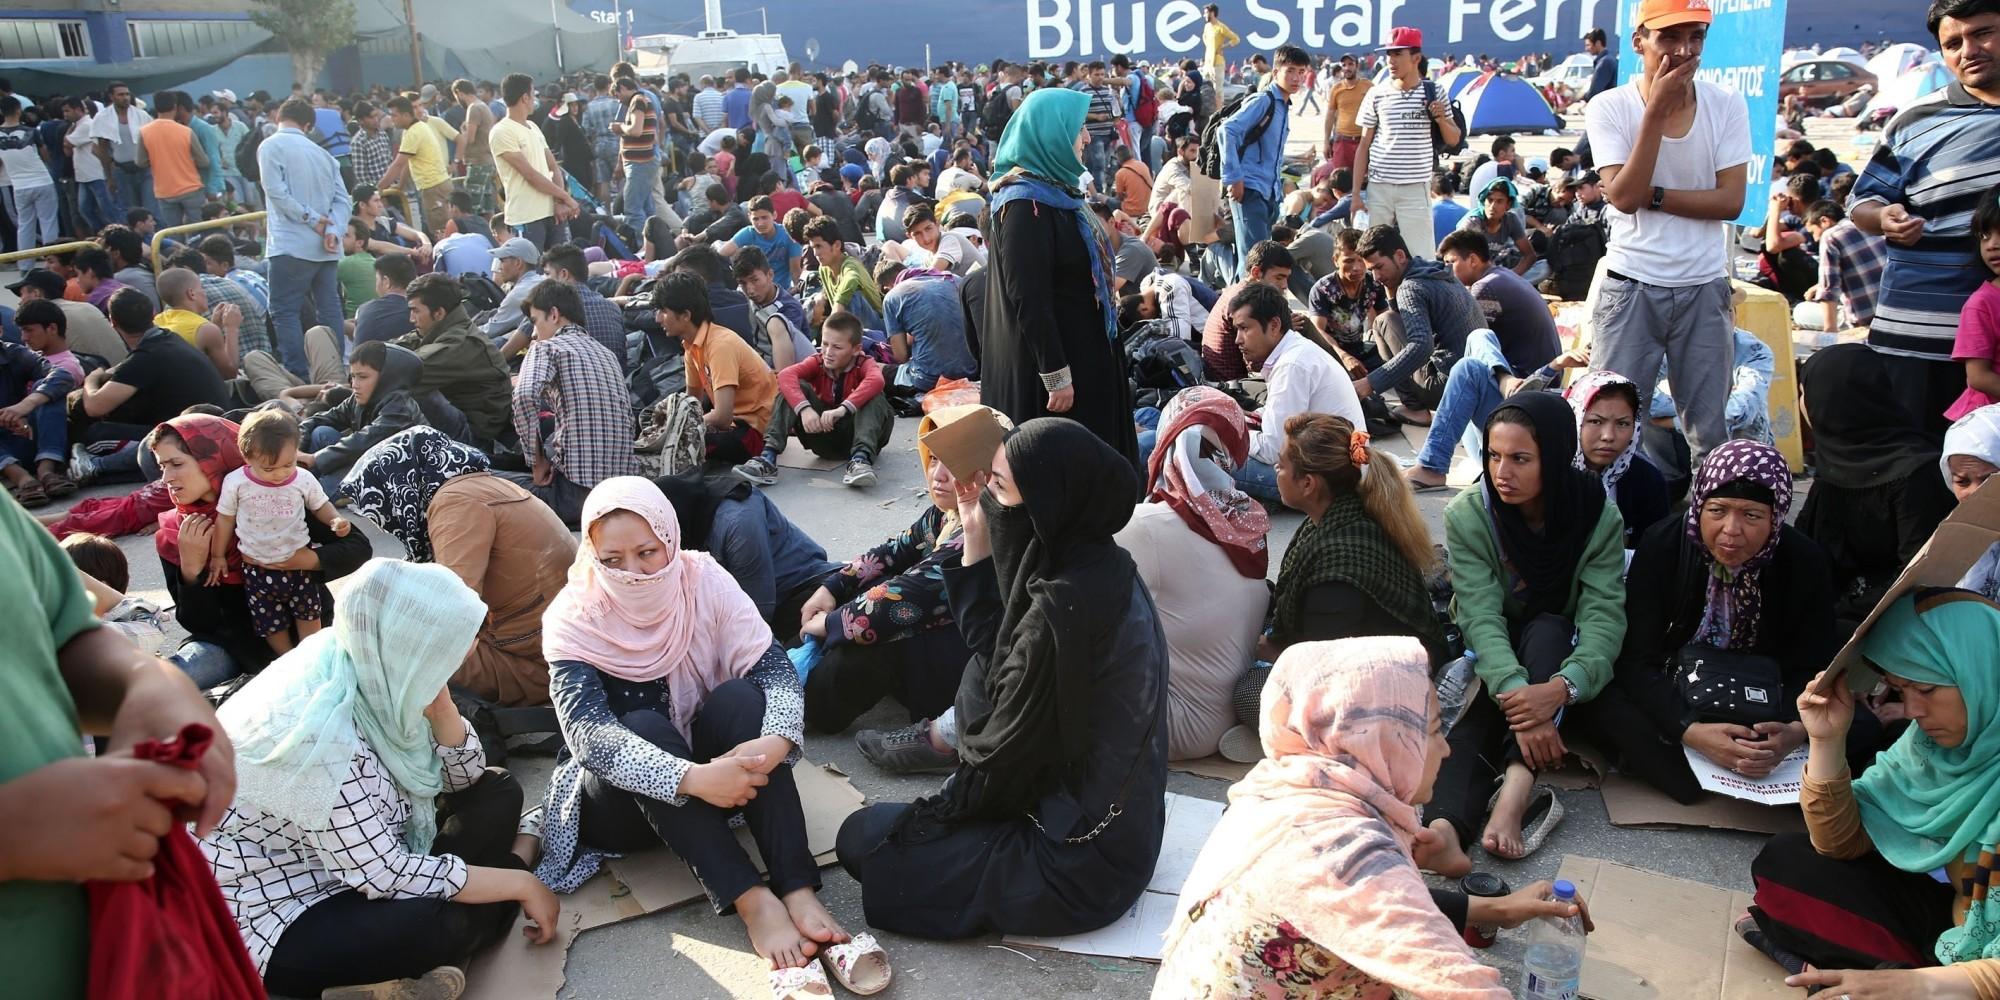 من المتسبب في أزمة اللاجئين؟